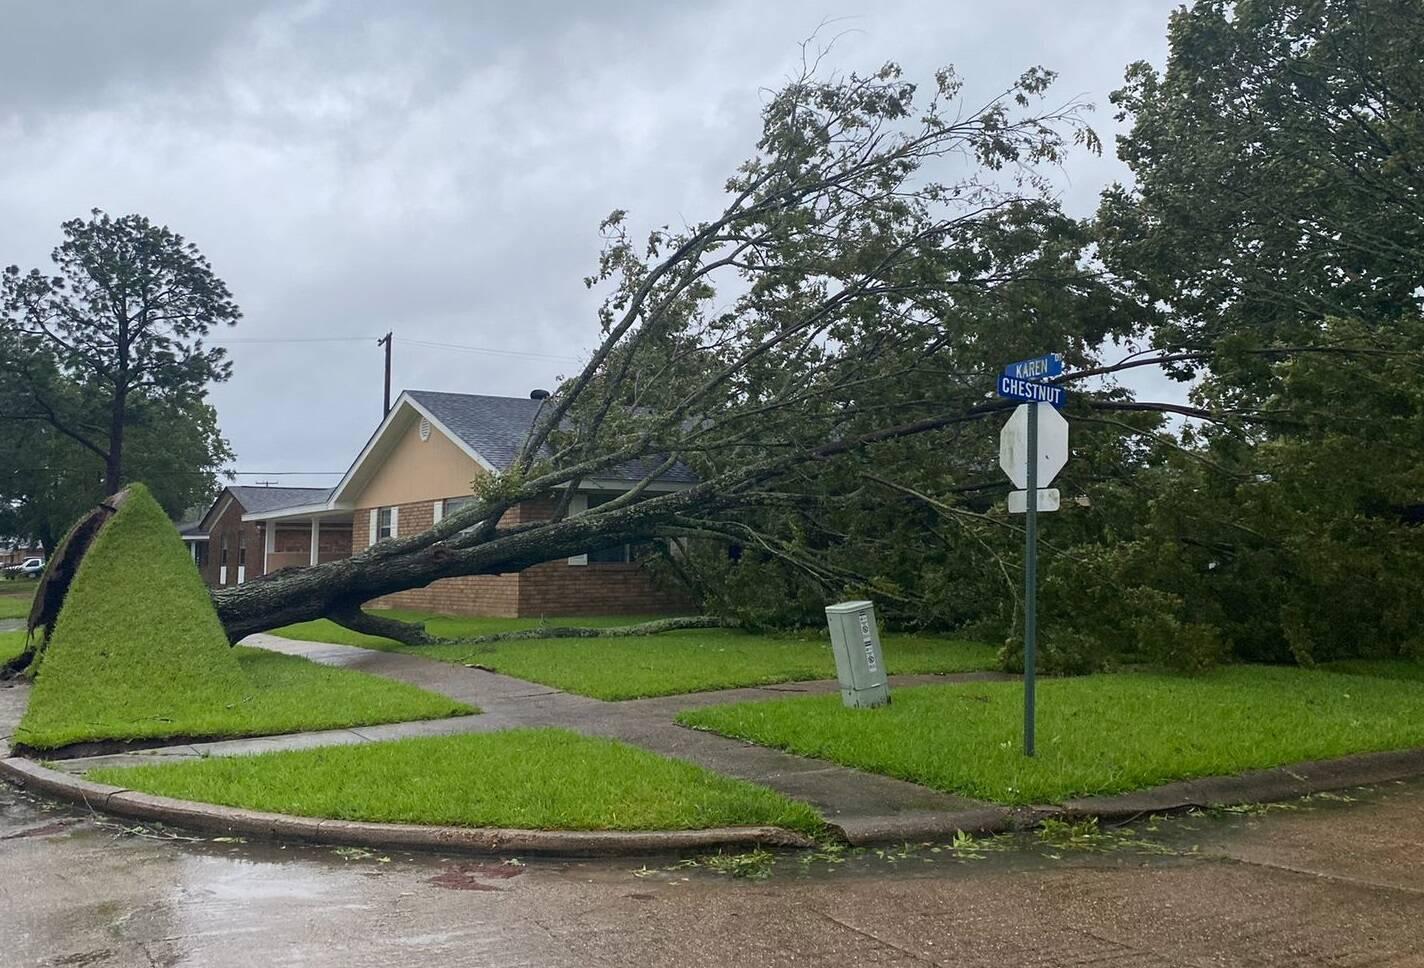 Em Morgan City, imagens mostraram uma arvore derruba pelo furacão. (Foto: Twitter)